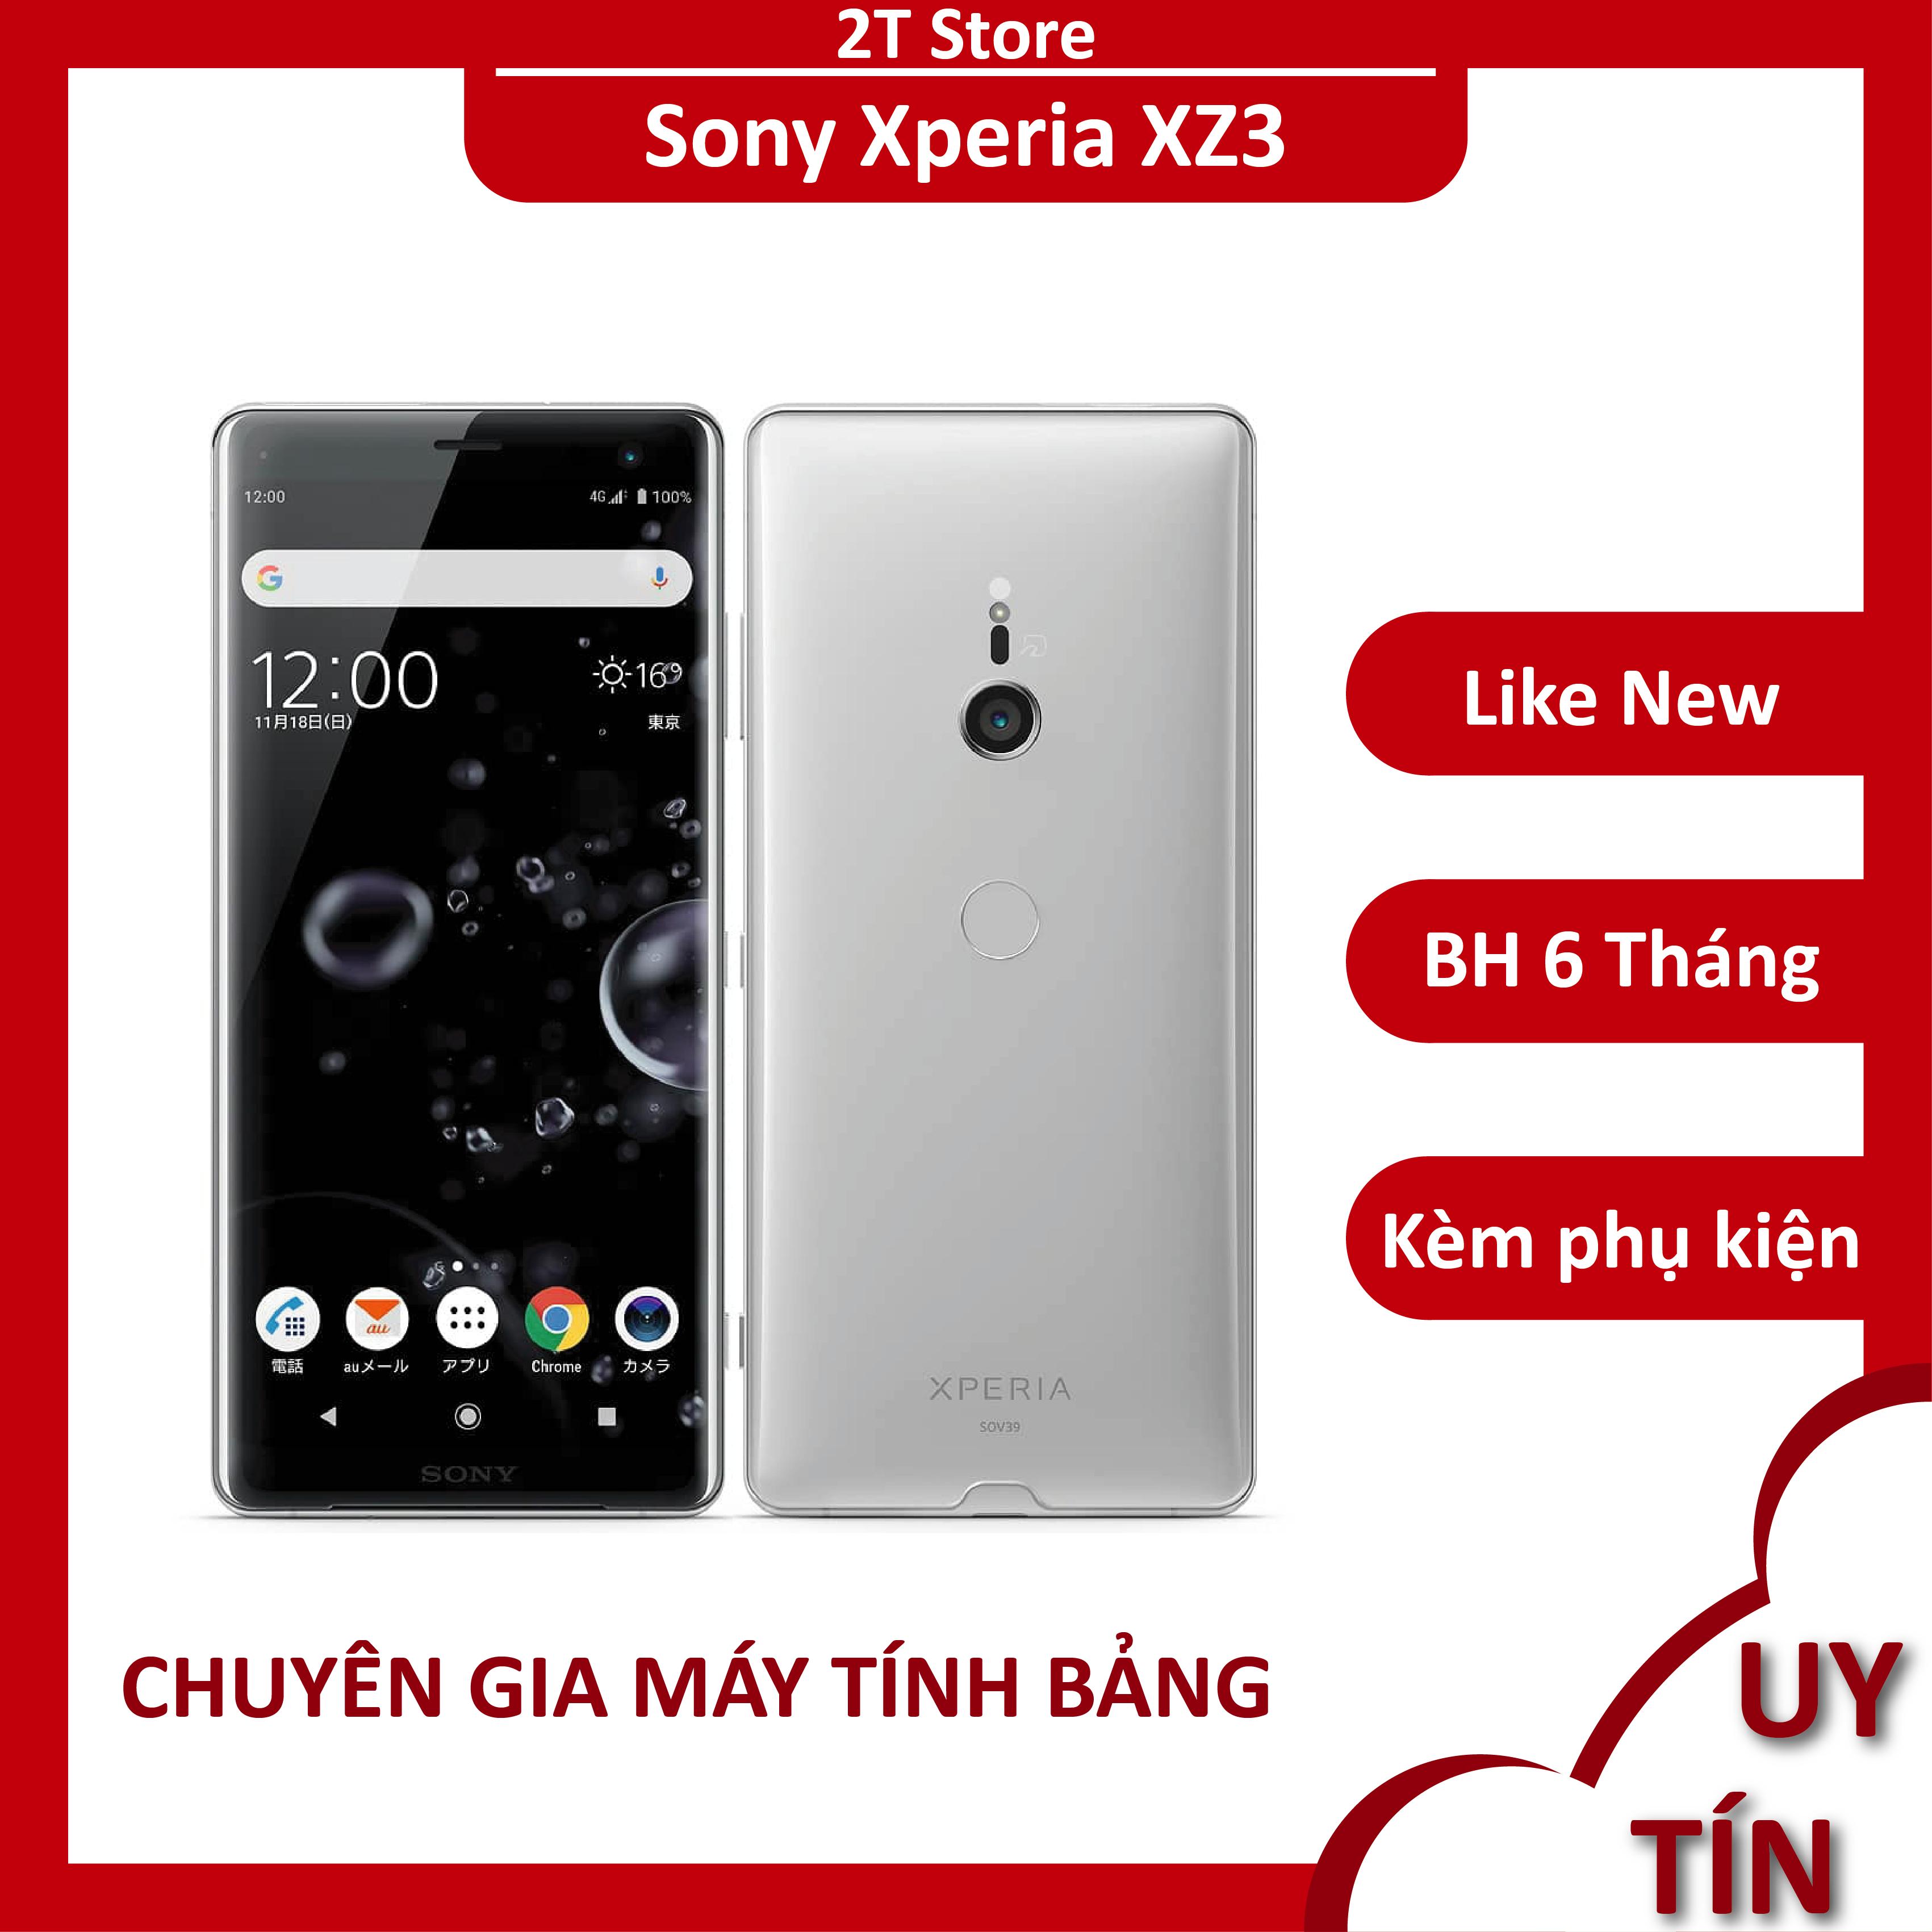 Điện thoại Sony Xperia XZ3 màn 2K cong 2.5D Snap 845